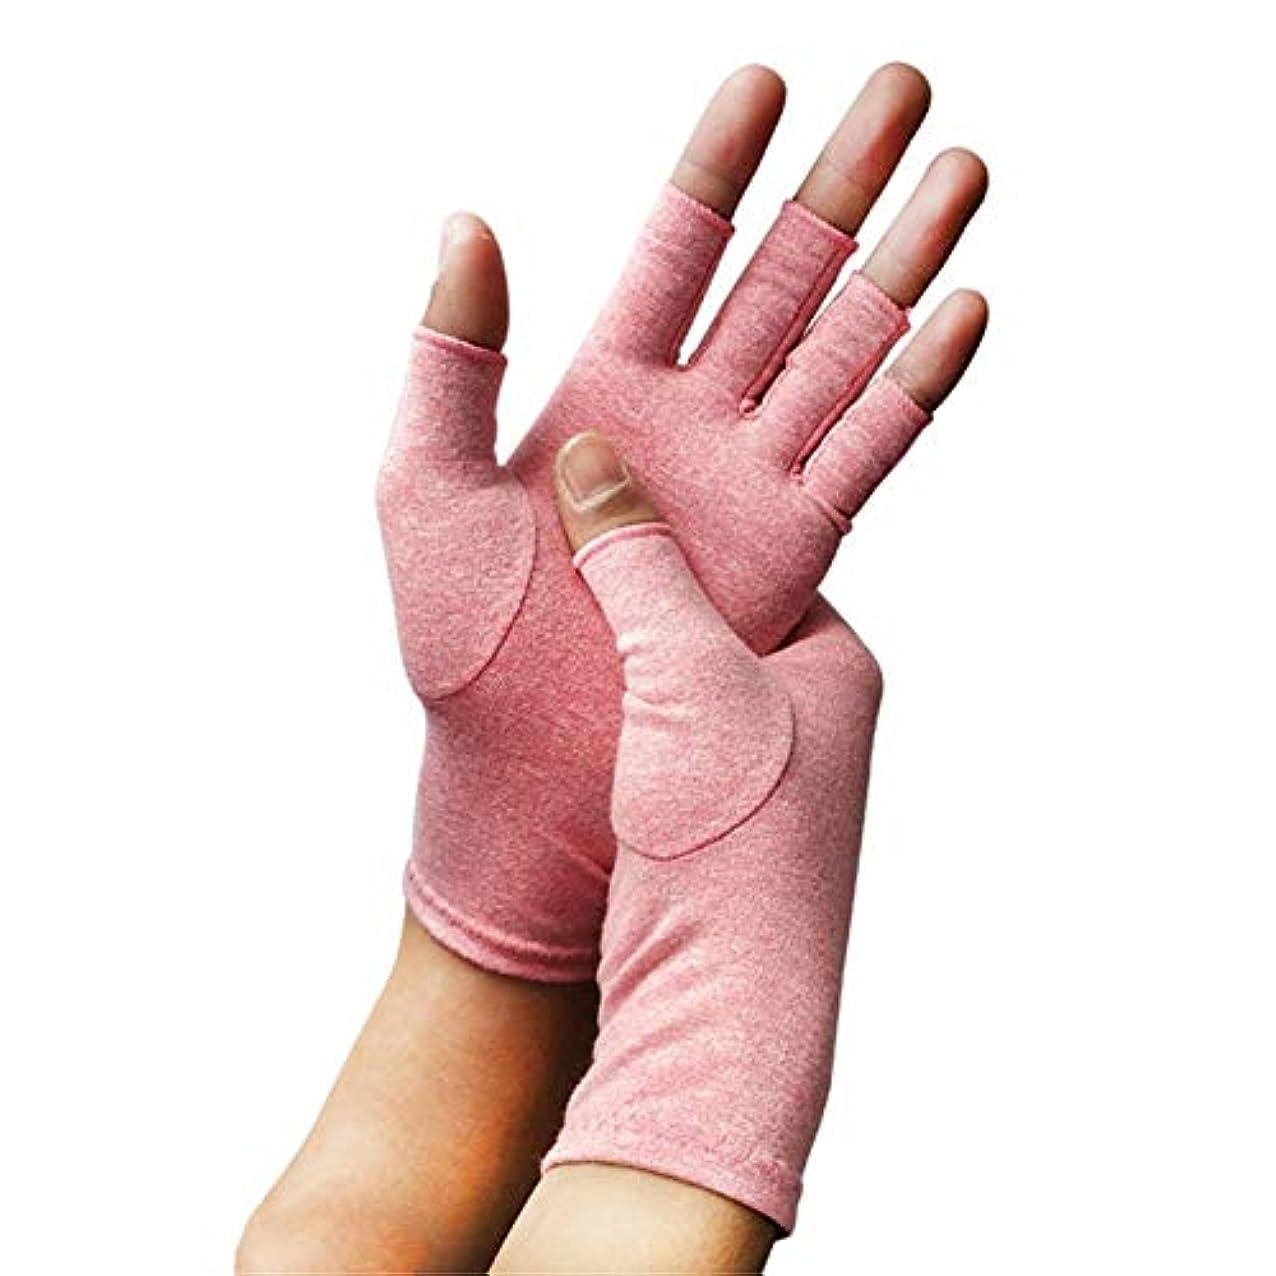 止まる反発宮殿関節炎グローブ関節炎の圧縮手袋、銅の圧縮ハーフフィンガー関節炎の手袋は、関節炎の症状を和らげ、ストレスを減らすことができますユニセックスミディアム1ペア